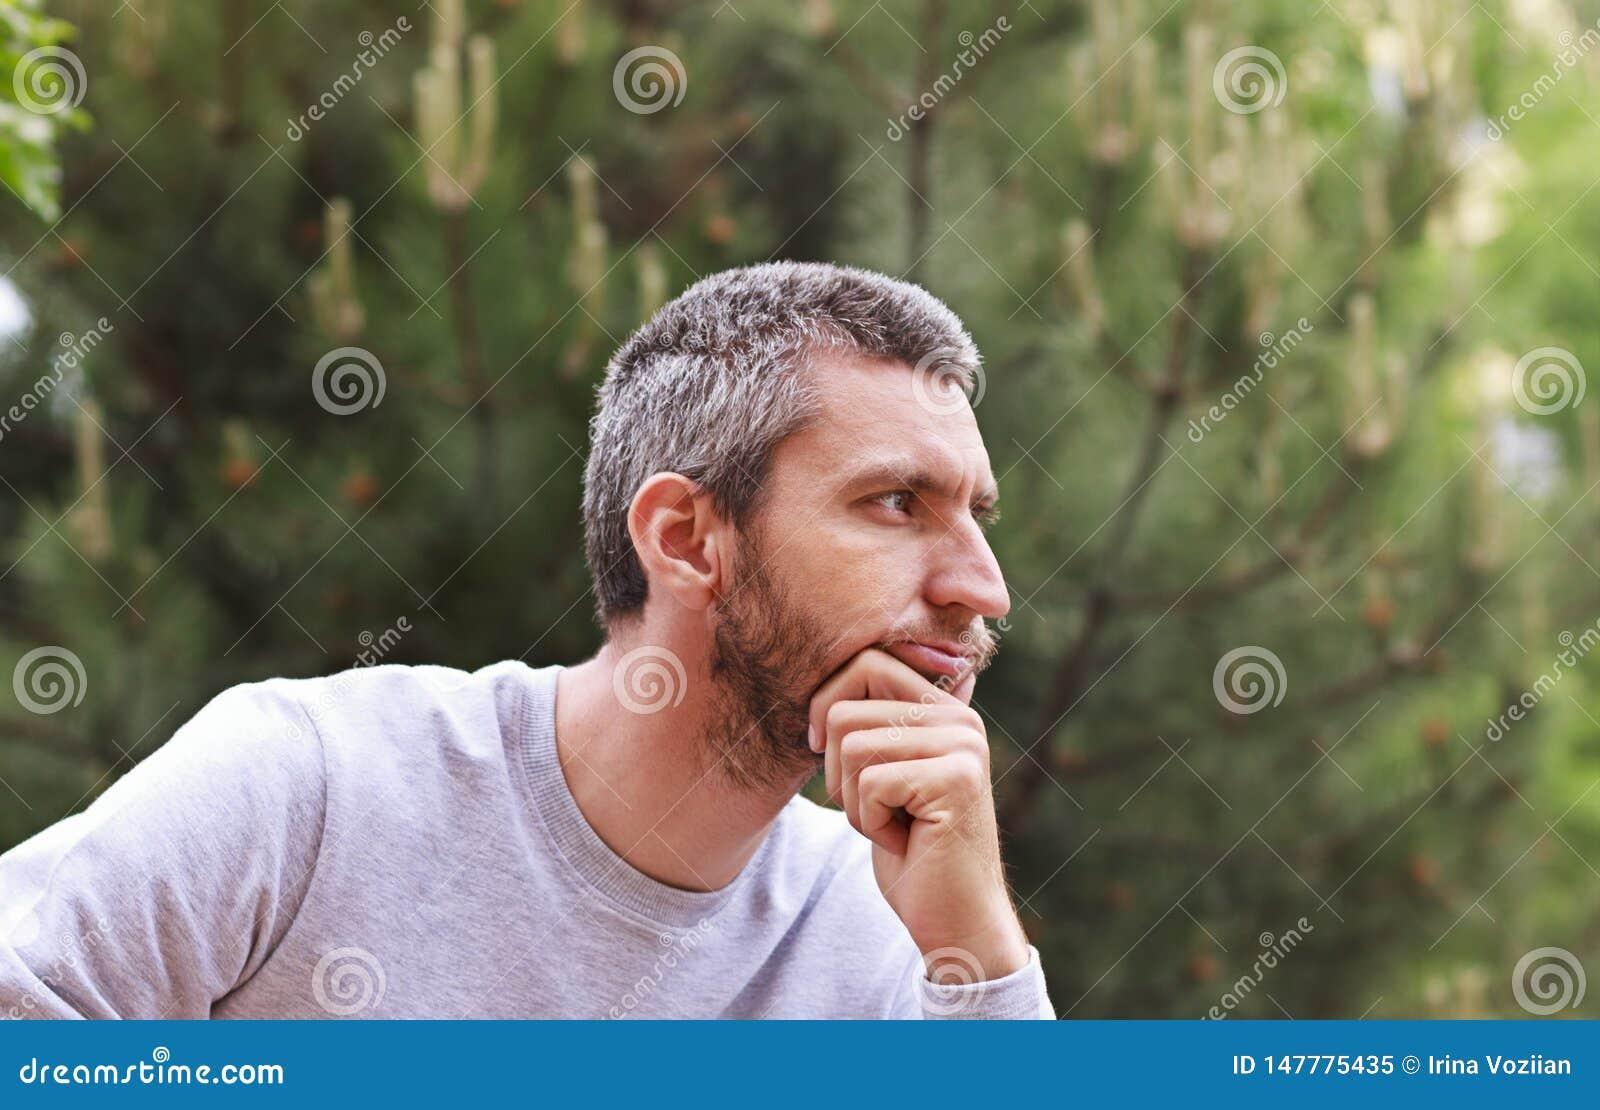 Внимательный человек смотрит в расстояние